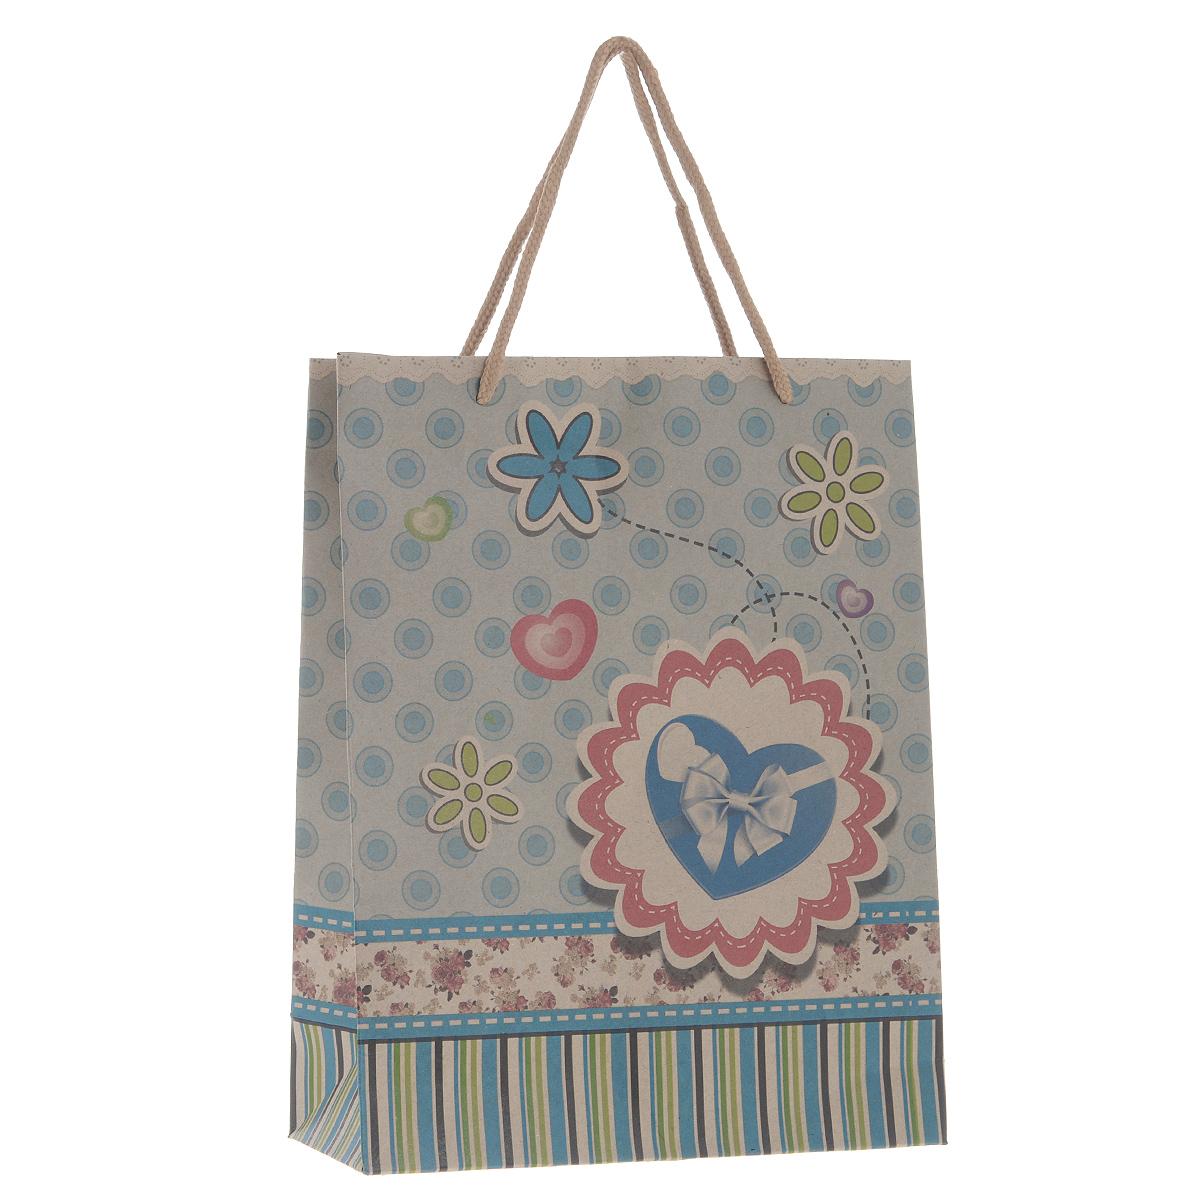 Пакет подарочный Голубое сердце, 19 см х 24,5 см х 8 см38874Подарочный пакет Голубое сердце, изготовленный из плотной бумаги, станет незаменимым дополнением к выбранному подарку. Дно изделия укреплено плотным картоном, который позволяет сохранить форму пакета и исключает возможность деформации дна под тяжестью подарка. Для удобной переноски на пакете имеются две ручки из шнурков. Подарок, преподнесенный в оригинальной упаковке, всегда будет самым эффектным и запоминающимся. Окружите близких людей вниманием и заботой, вручив презент в нарядном, праздничном оформлении.